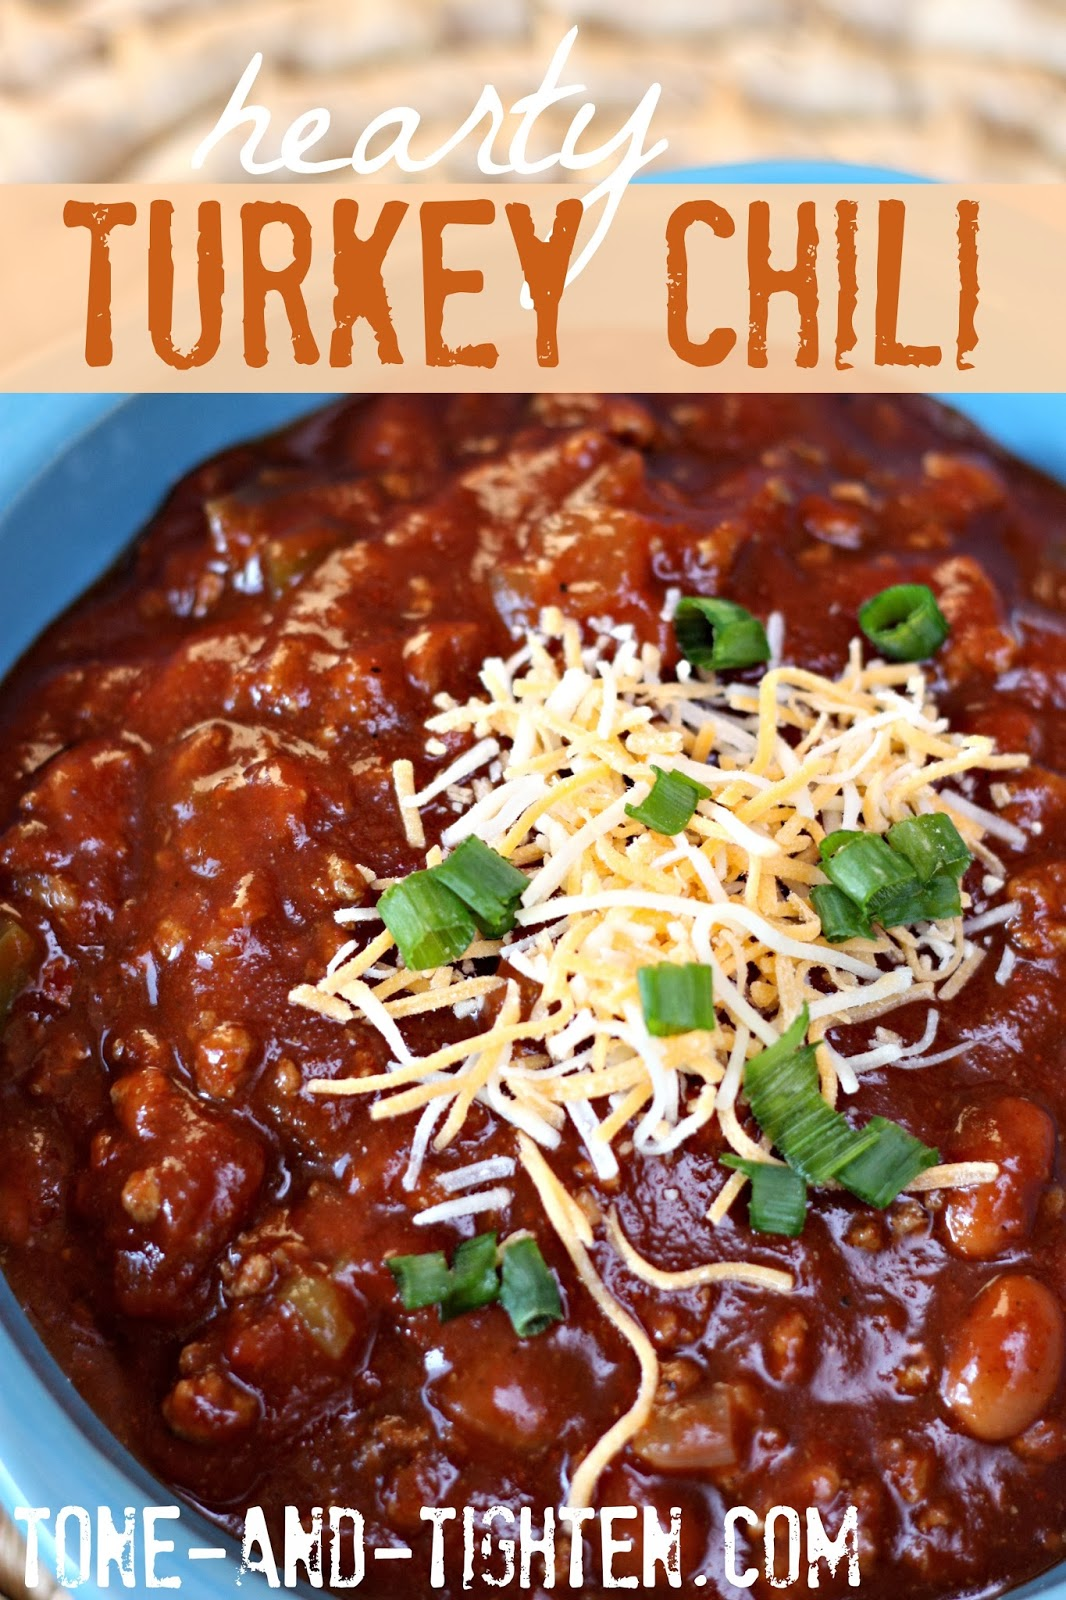 Hearty Turkey Chili Recipe | Tone and Tighten